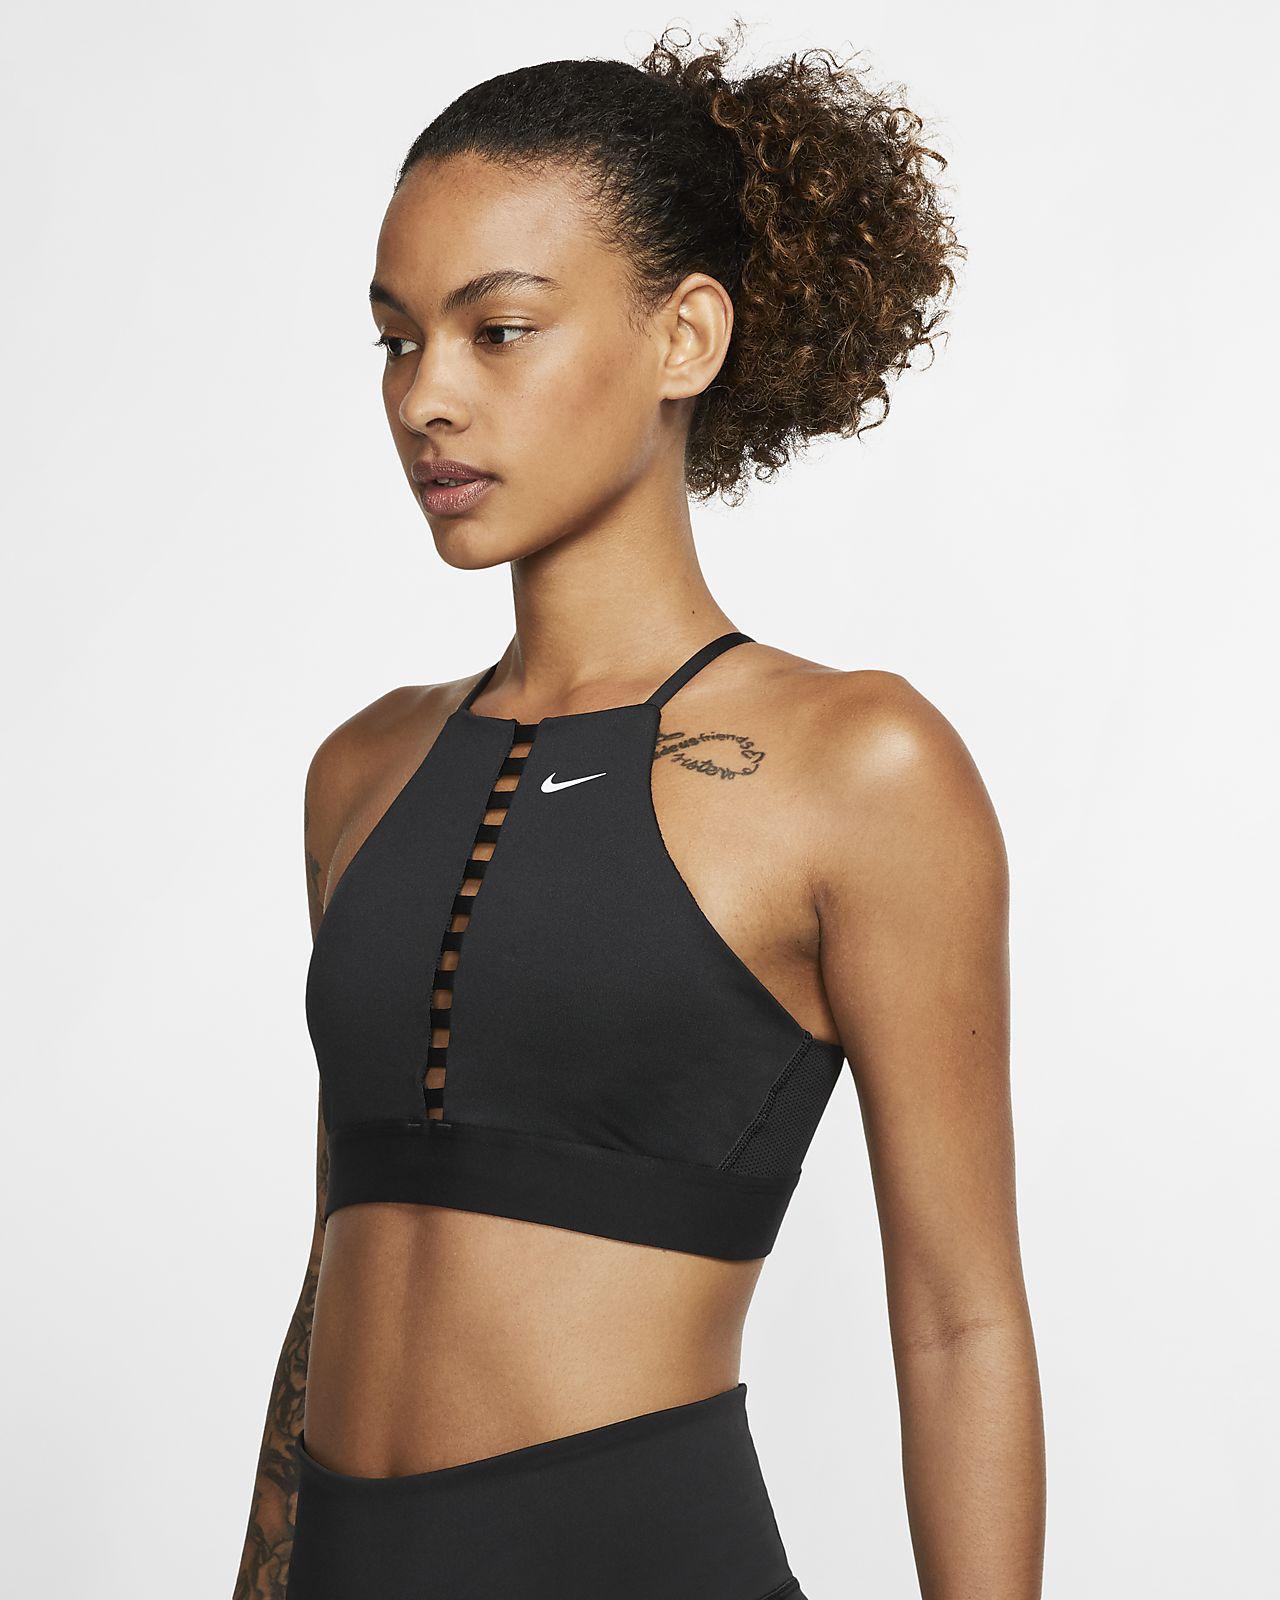 Sportovní podprsenka na jógu Nike Indy s lehkou oporou